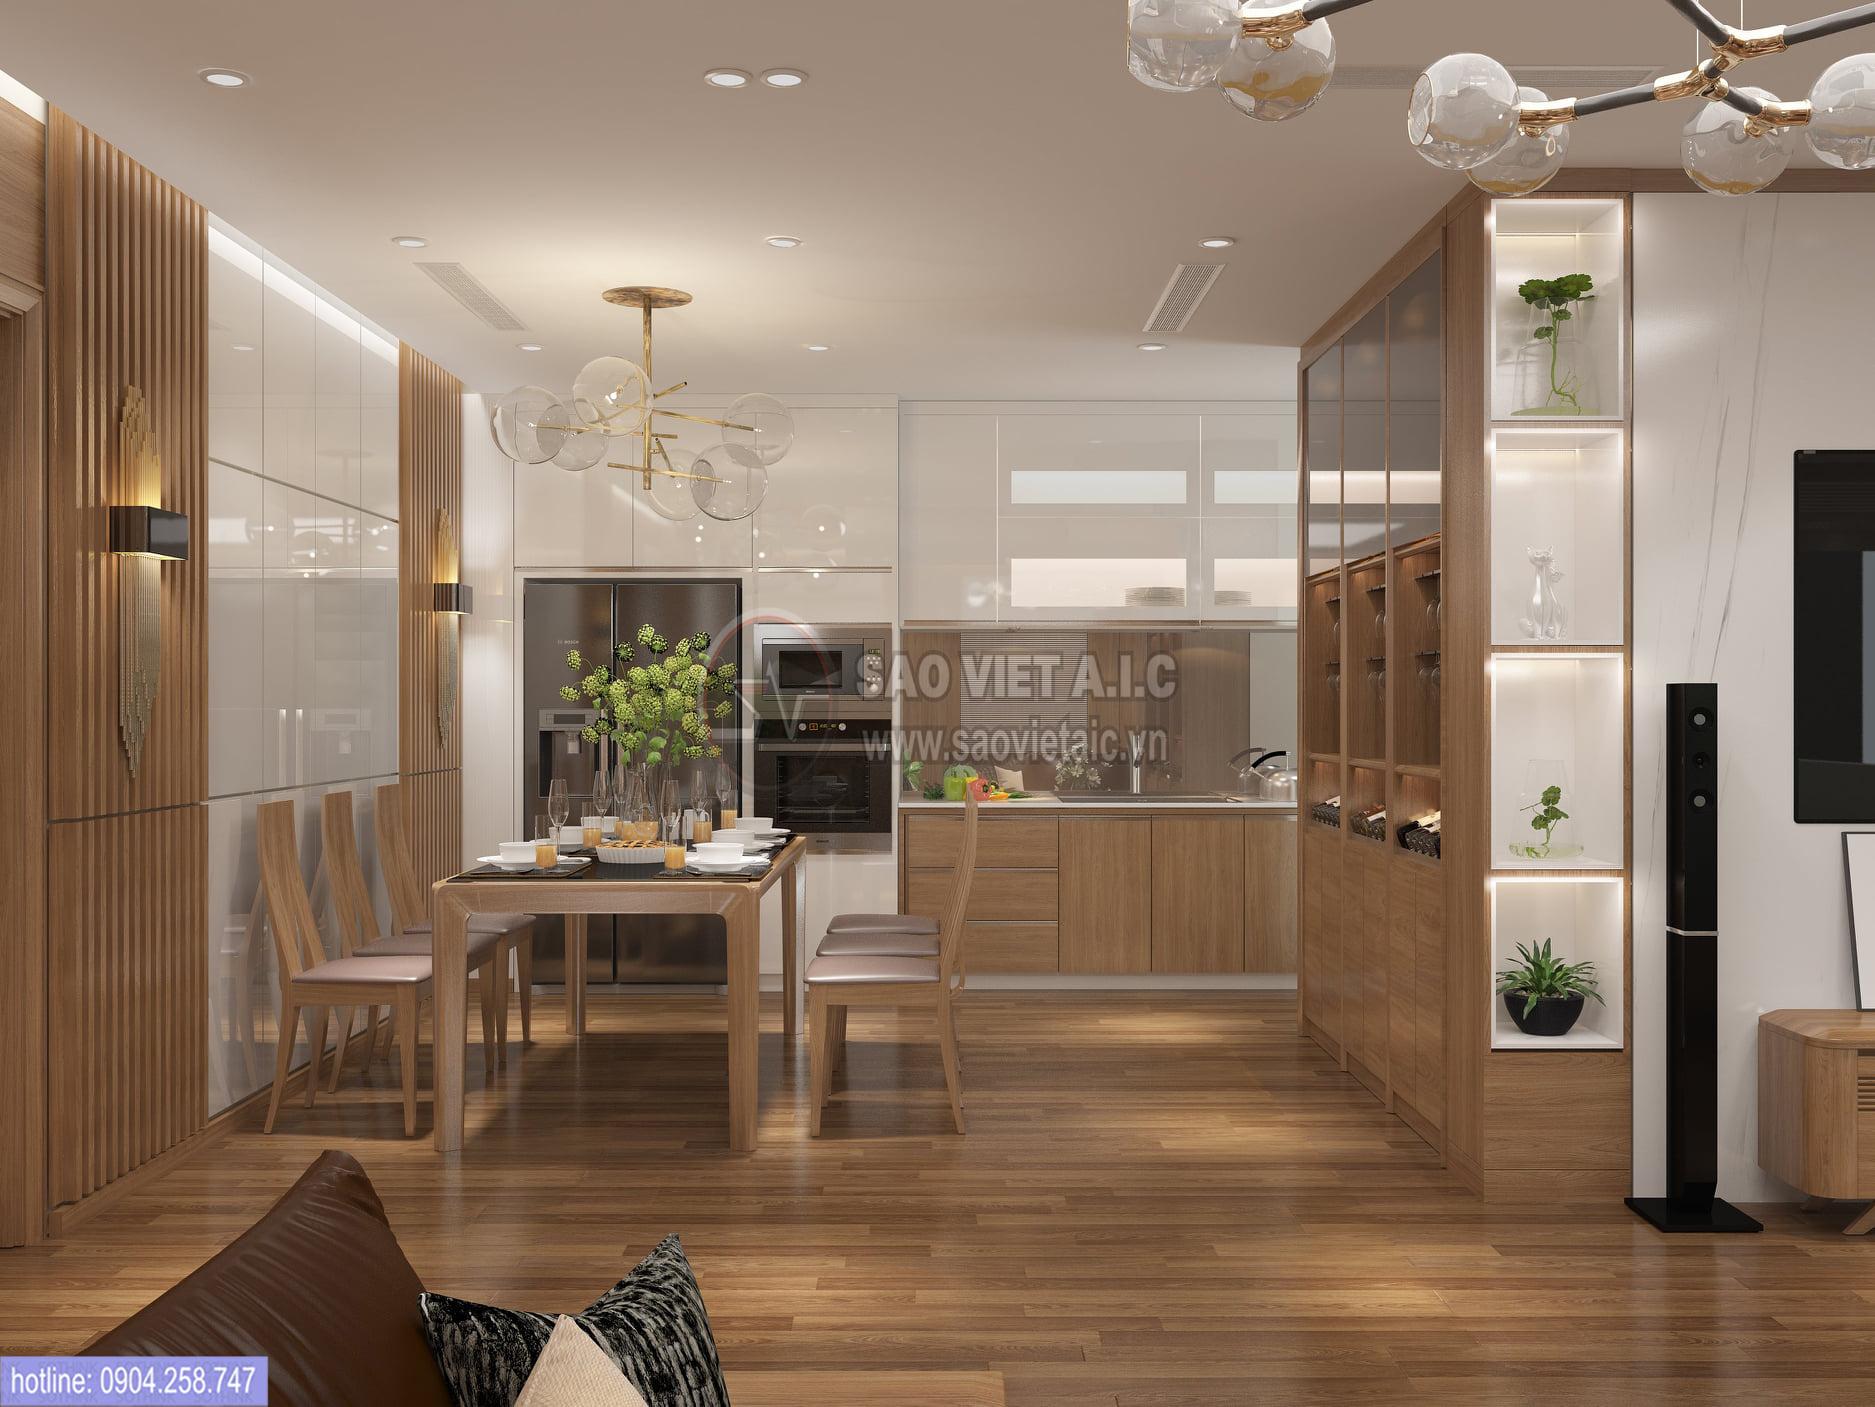 Các doanh nghiệp thiết kế và thi công nội thất trọn gói tại Hà Nội